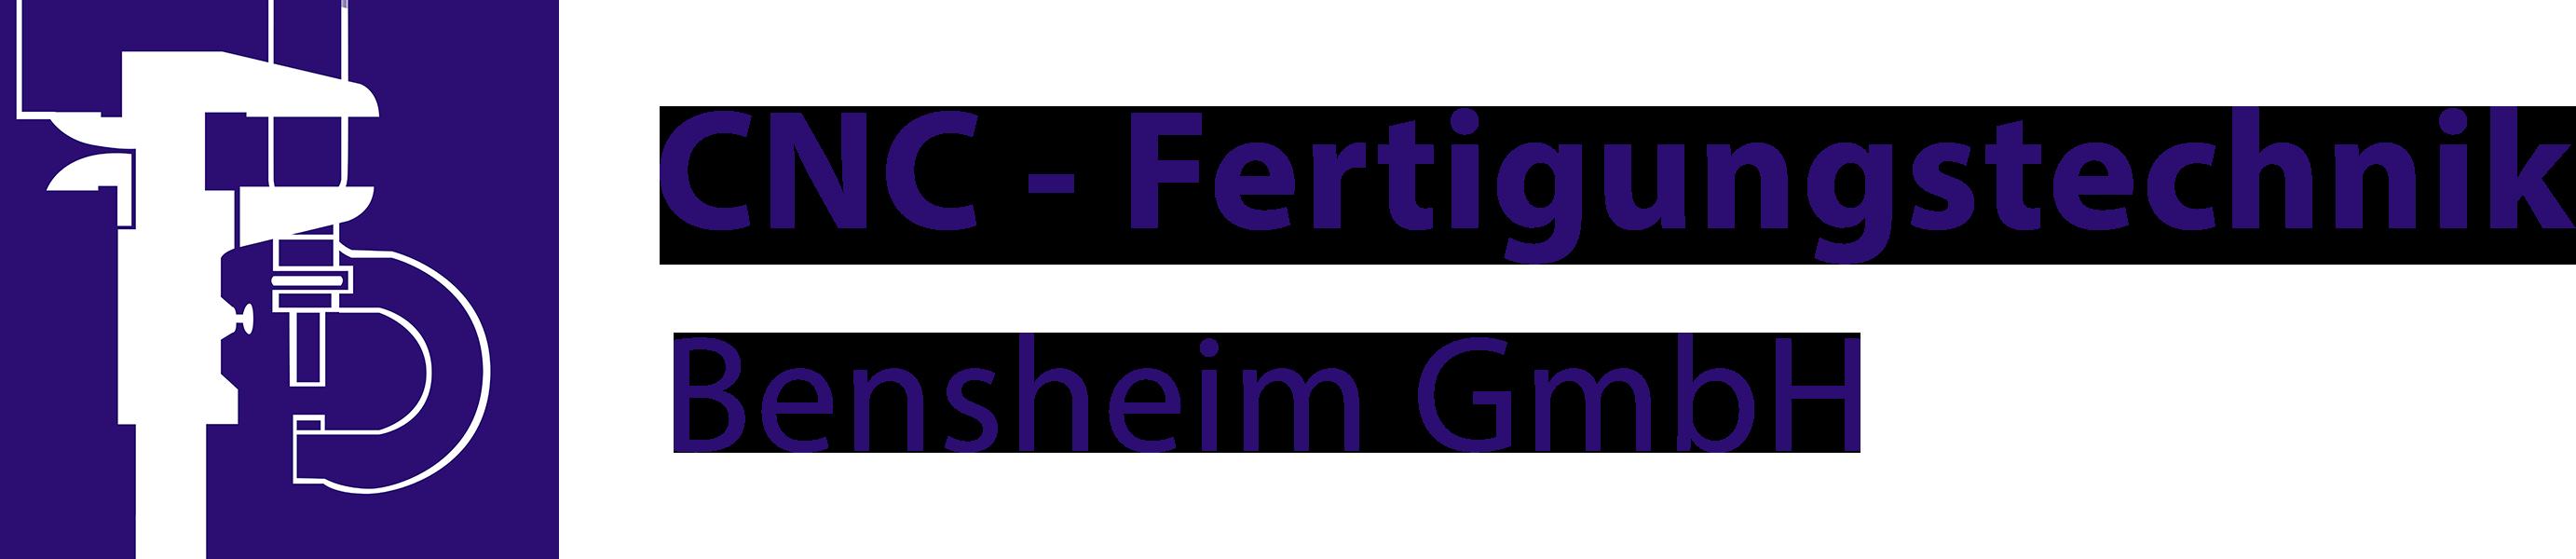 CNC-Fertigungstechnik Bensheim GmbH